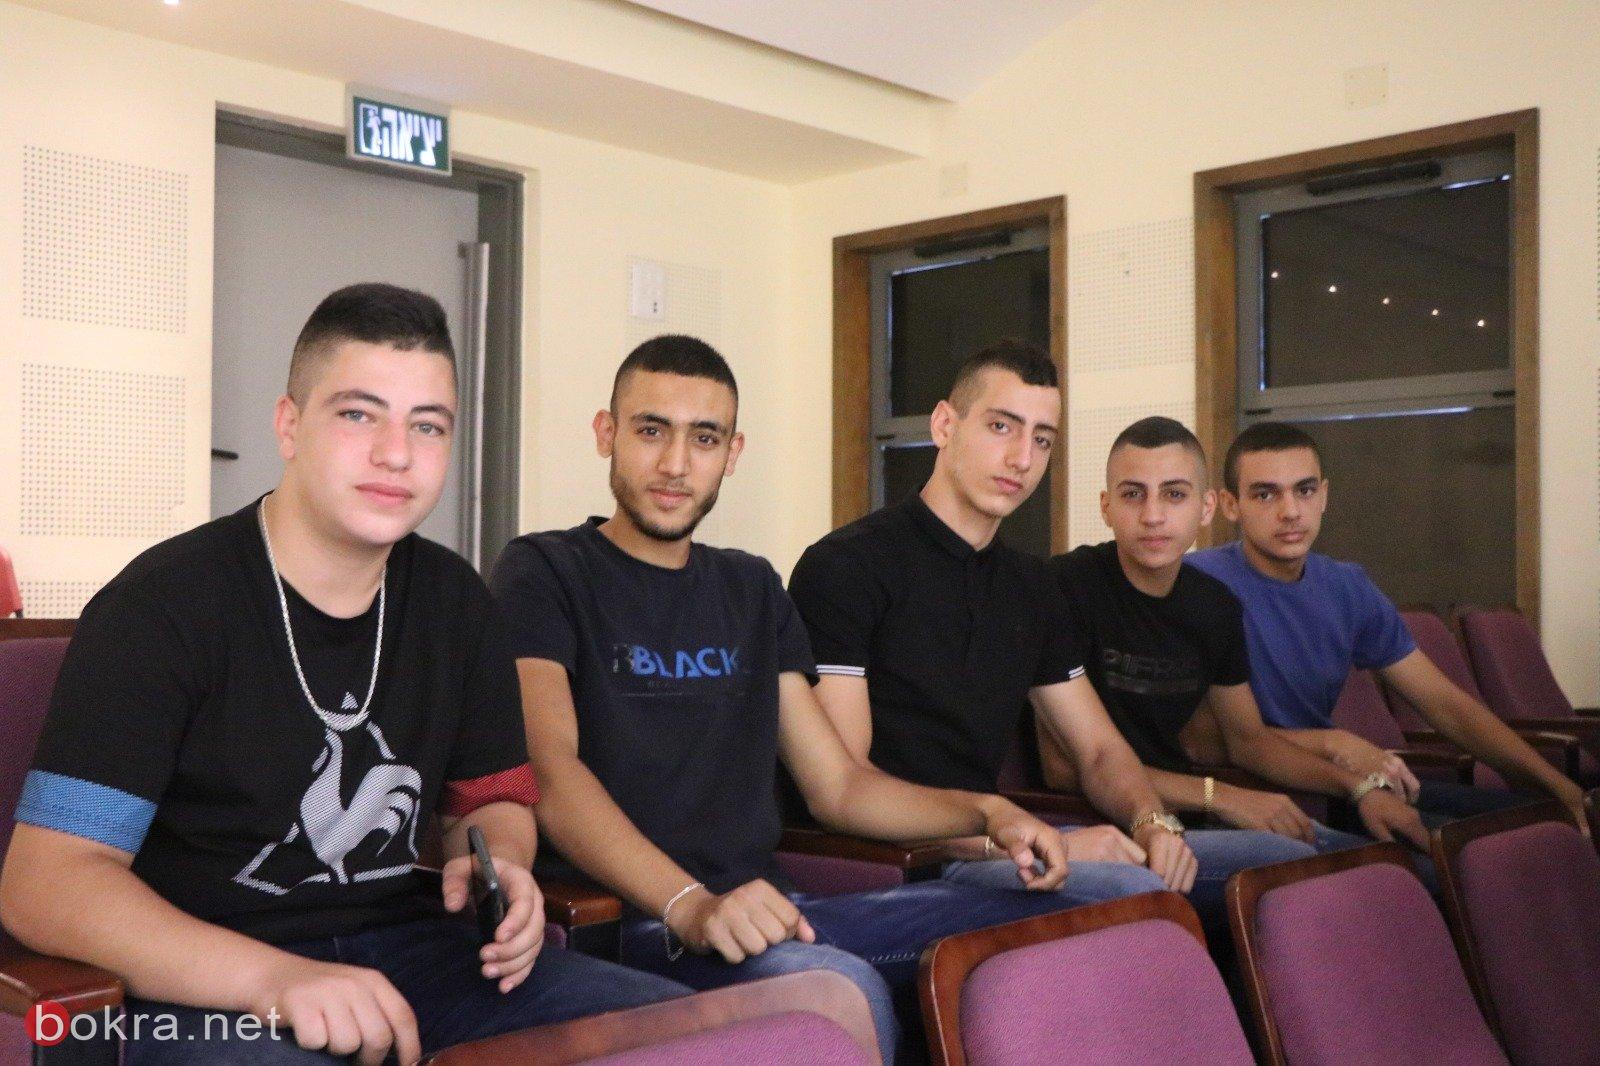 مدرسة الحكمة في الناصرة: إنّ طاقة الانسان لو تمّ توصيلها ببلد، يمكنها أن تولّد الكهرباء لمدة أسبوع كامل